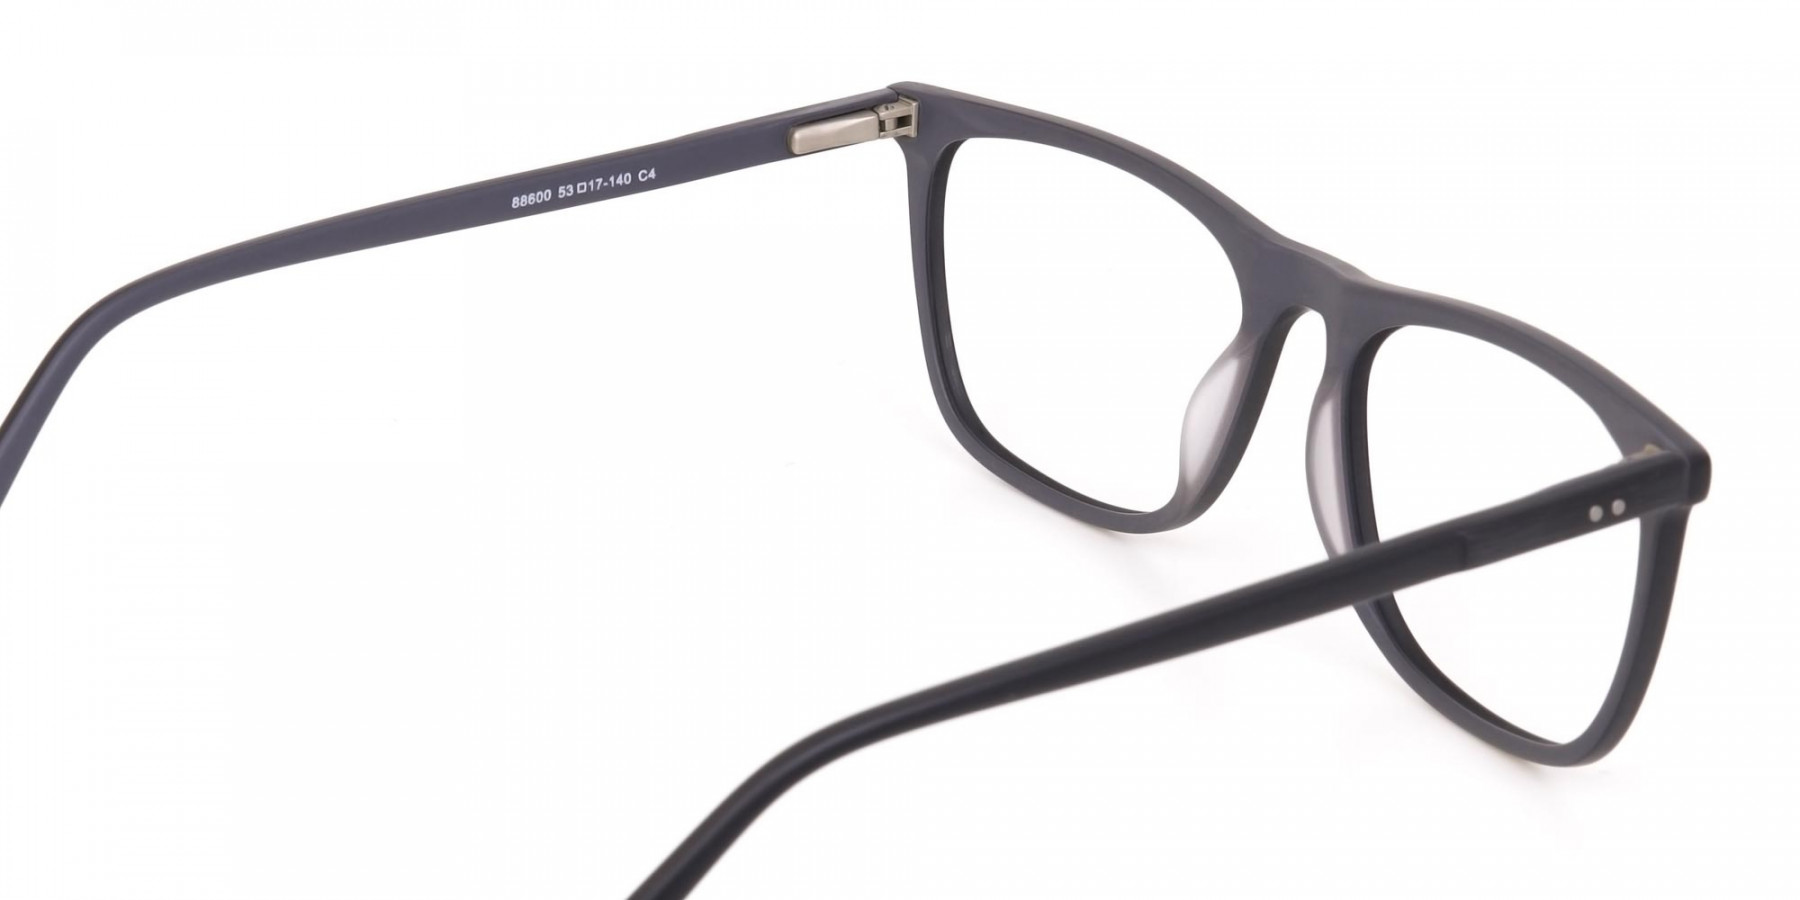 Matte Black Acetate Designer Eyeglasses Unisex-1